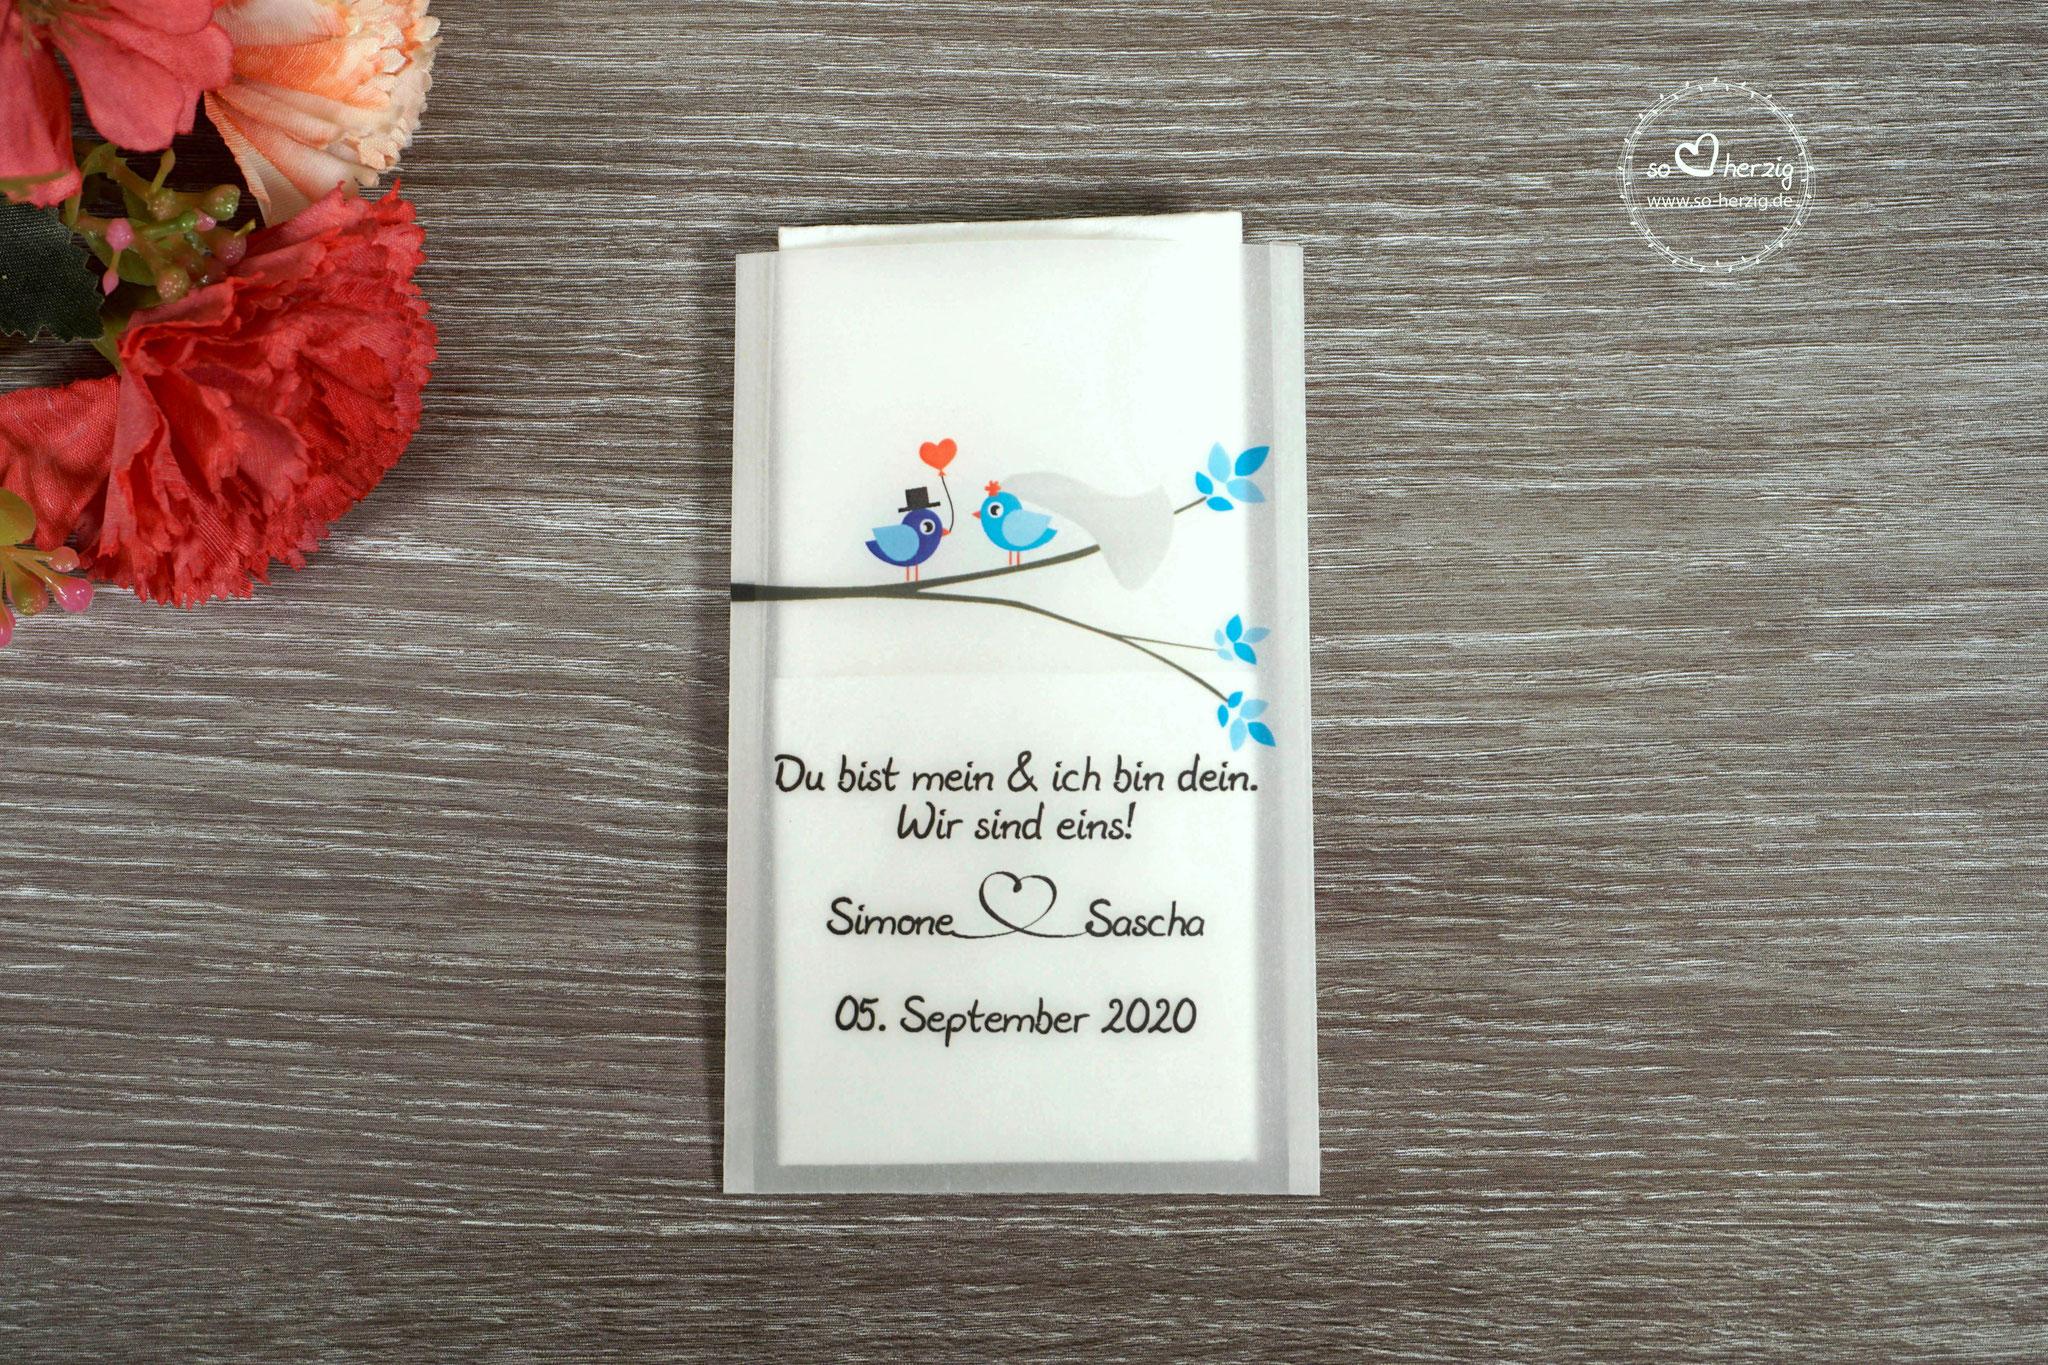 Freudentränen Taschentücher Design Hochzeitsvögel verzweigter Ast, Farbe Royalblau/Blau